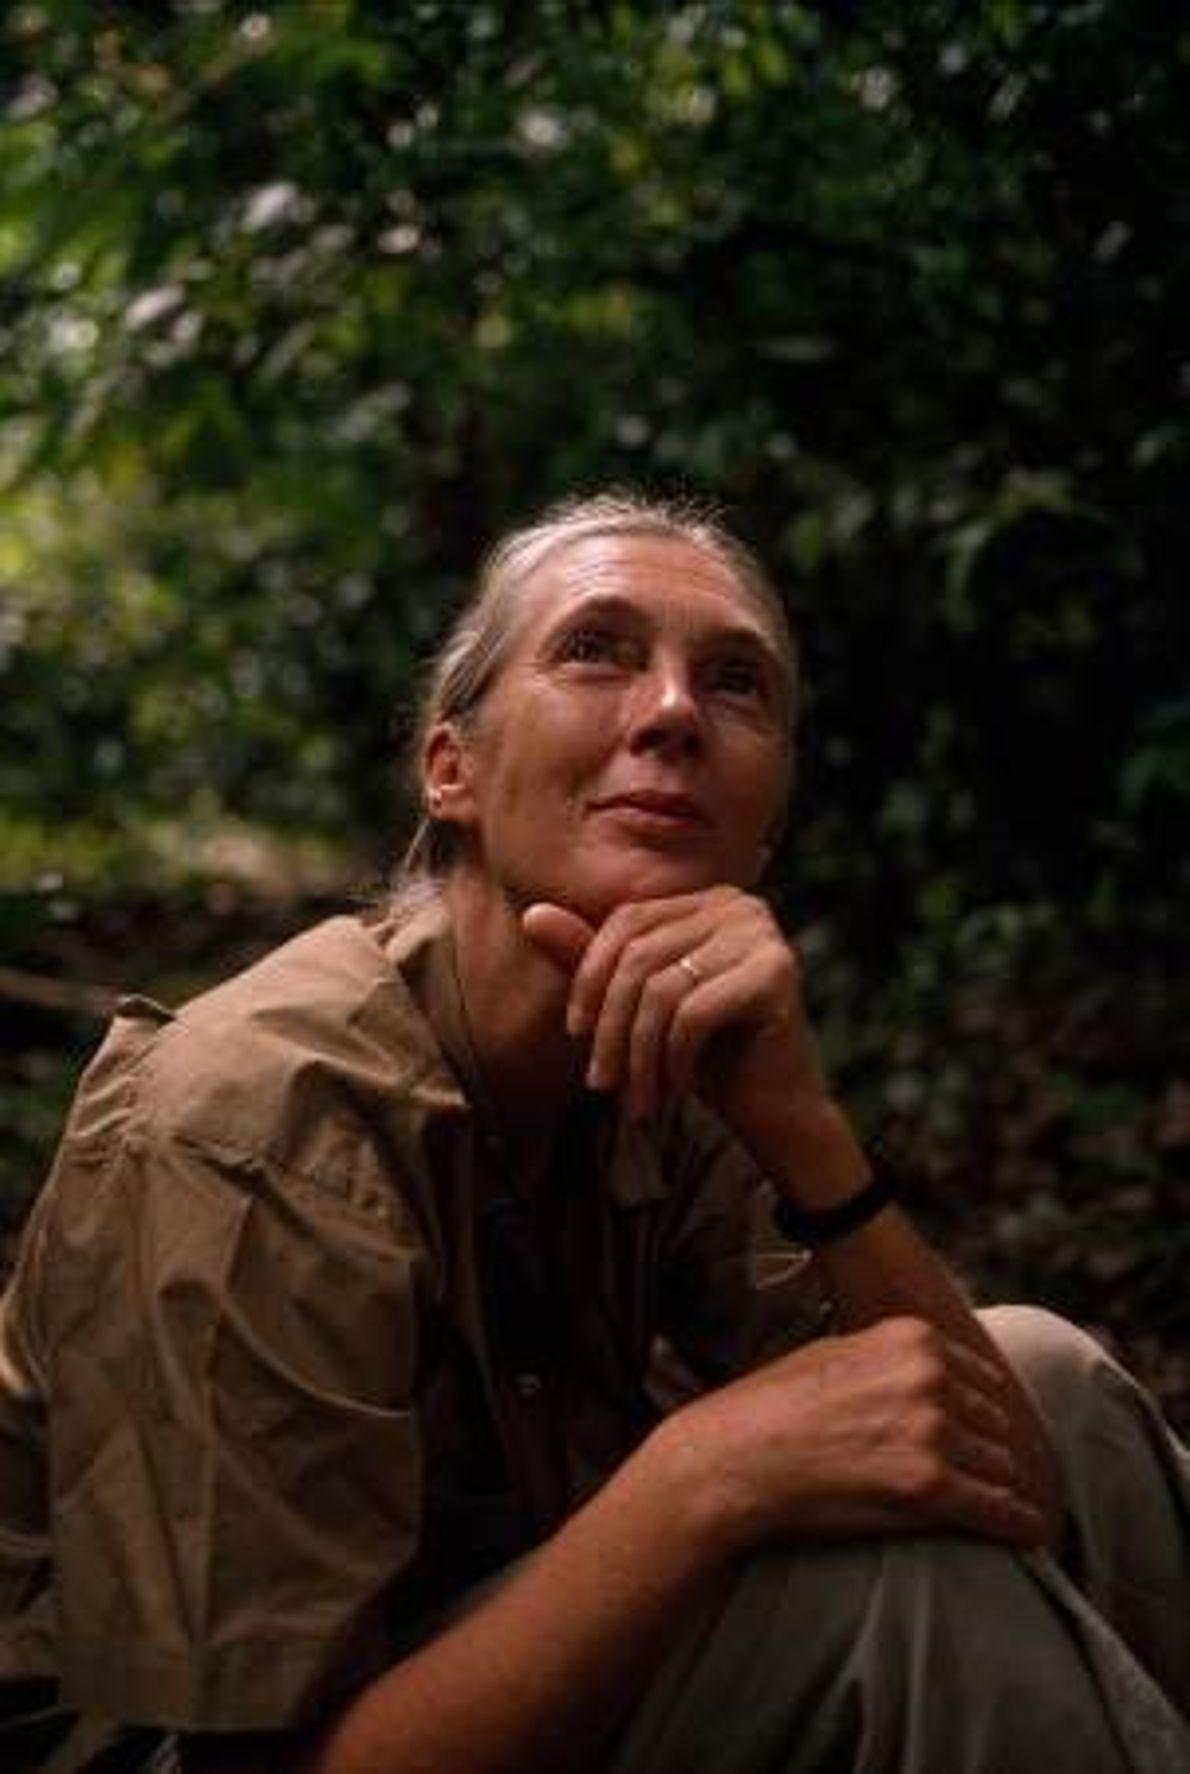 La primatologue Jane Goodall étudie les chimpanzés de Gombe depuis 1960, elle est donc responsable de ...